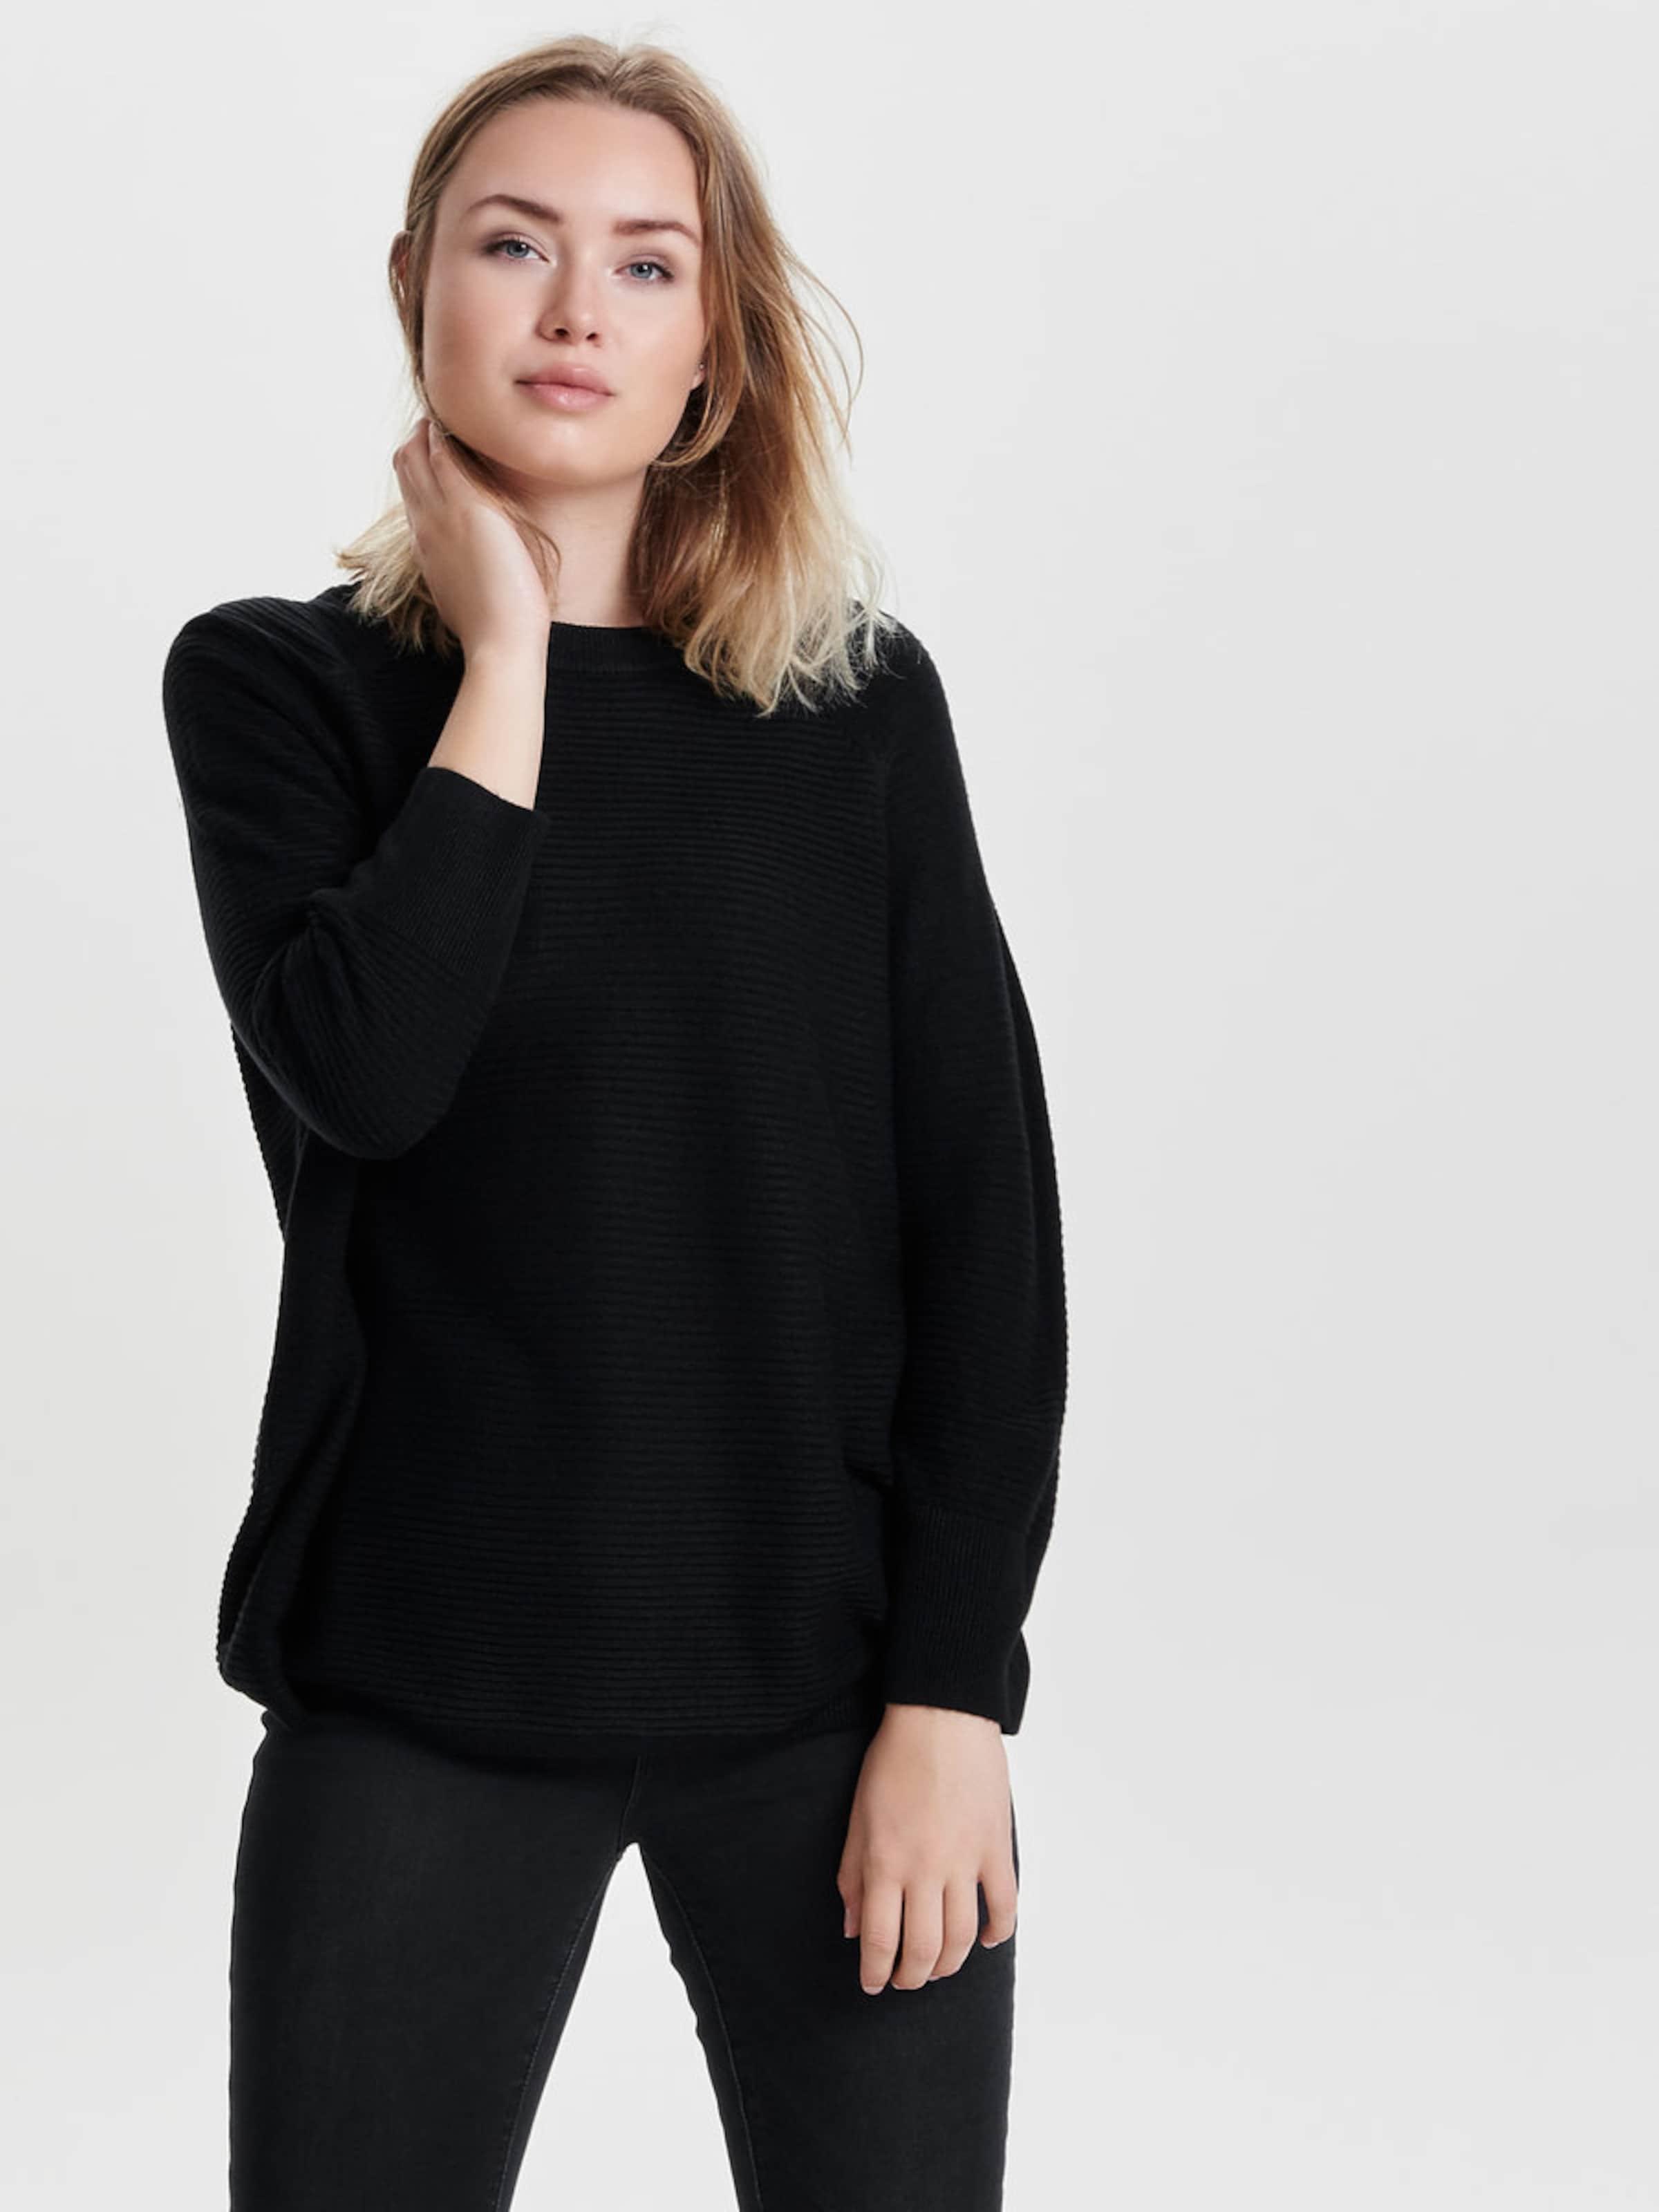 JACQUELINE de YONG Strickpullover 'Jdymathison' Super Angebote Billig Verkauf Zum Verkauf Billig Verkaufen Günstigsten Preis UNIid41u4